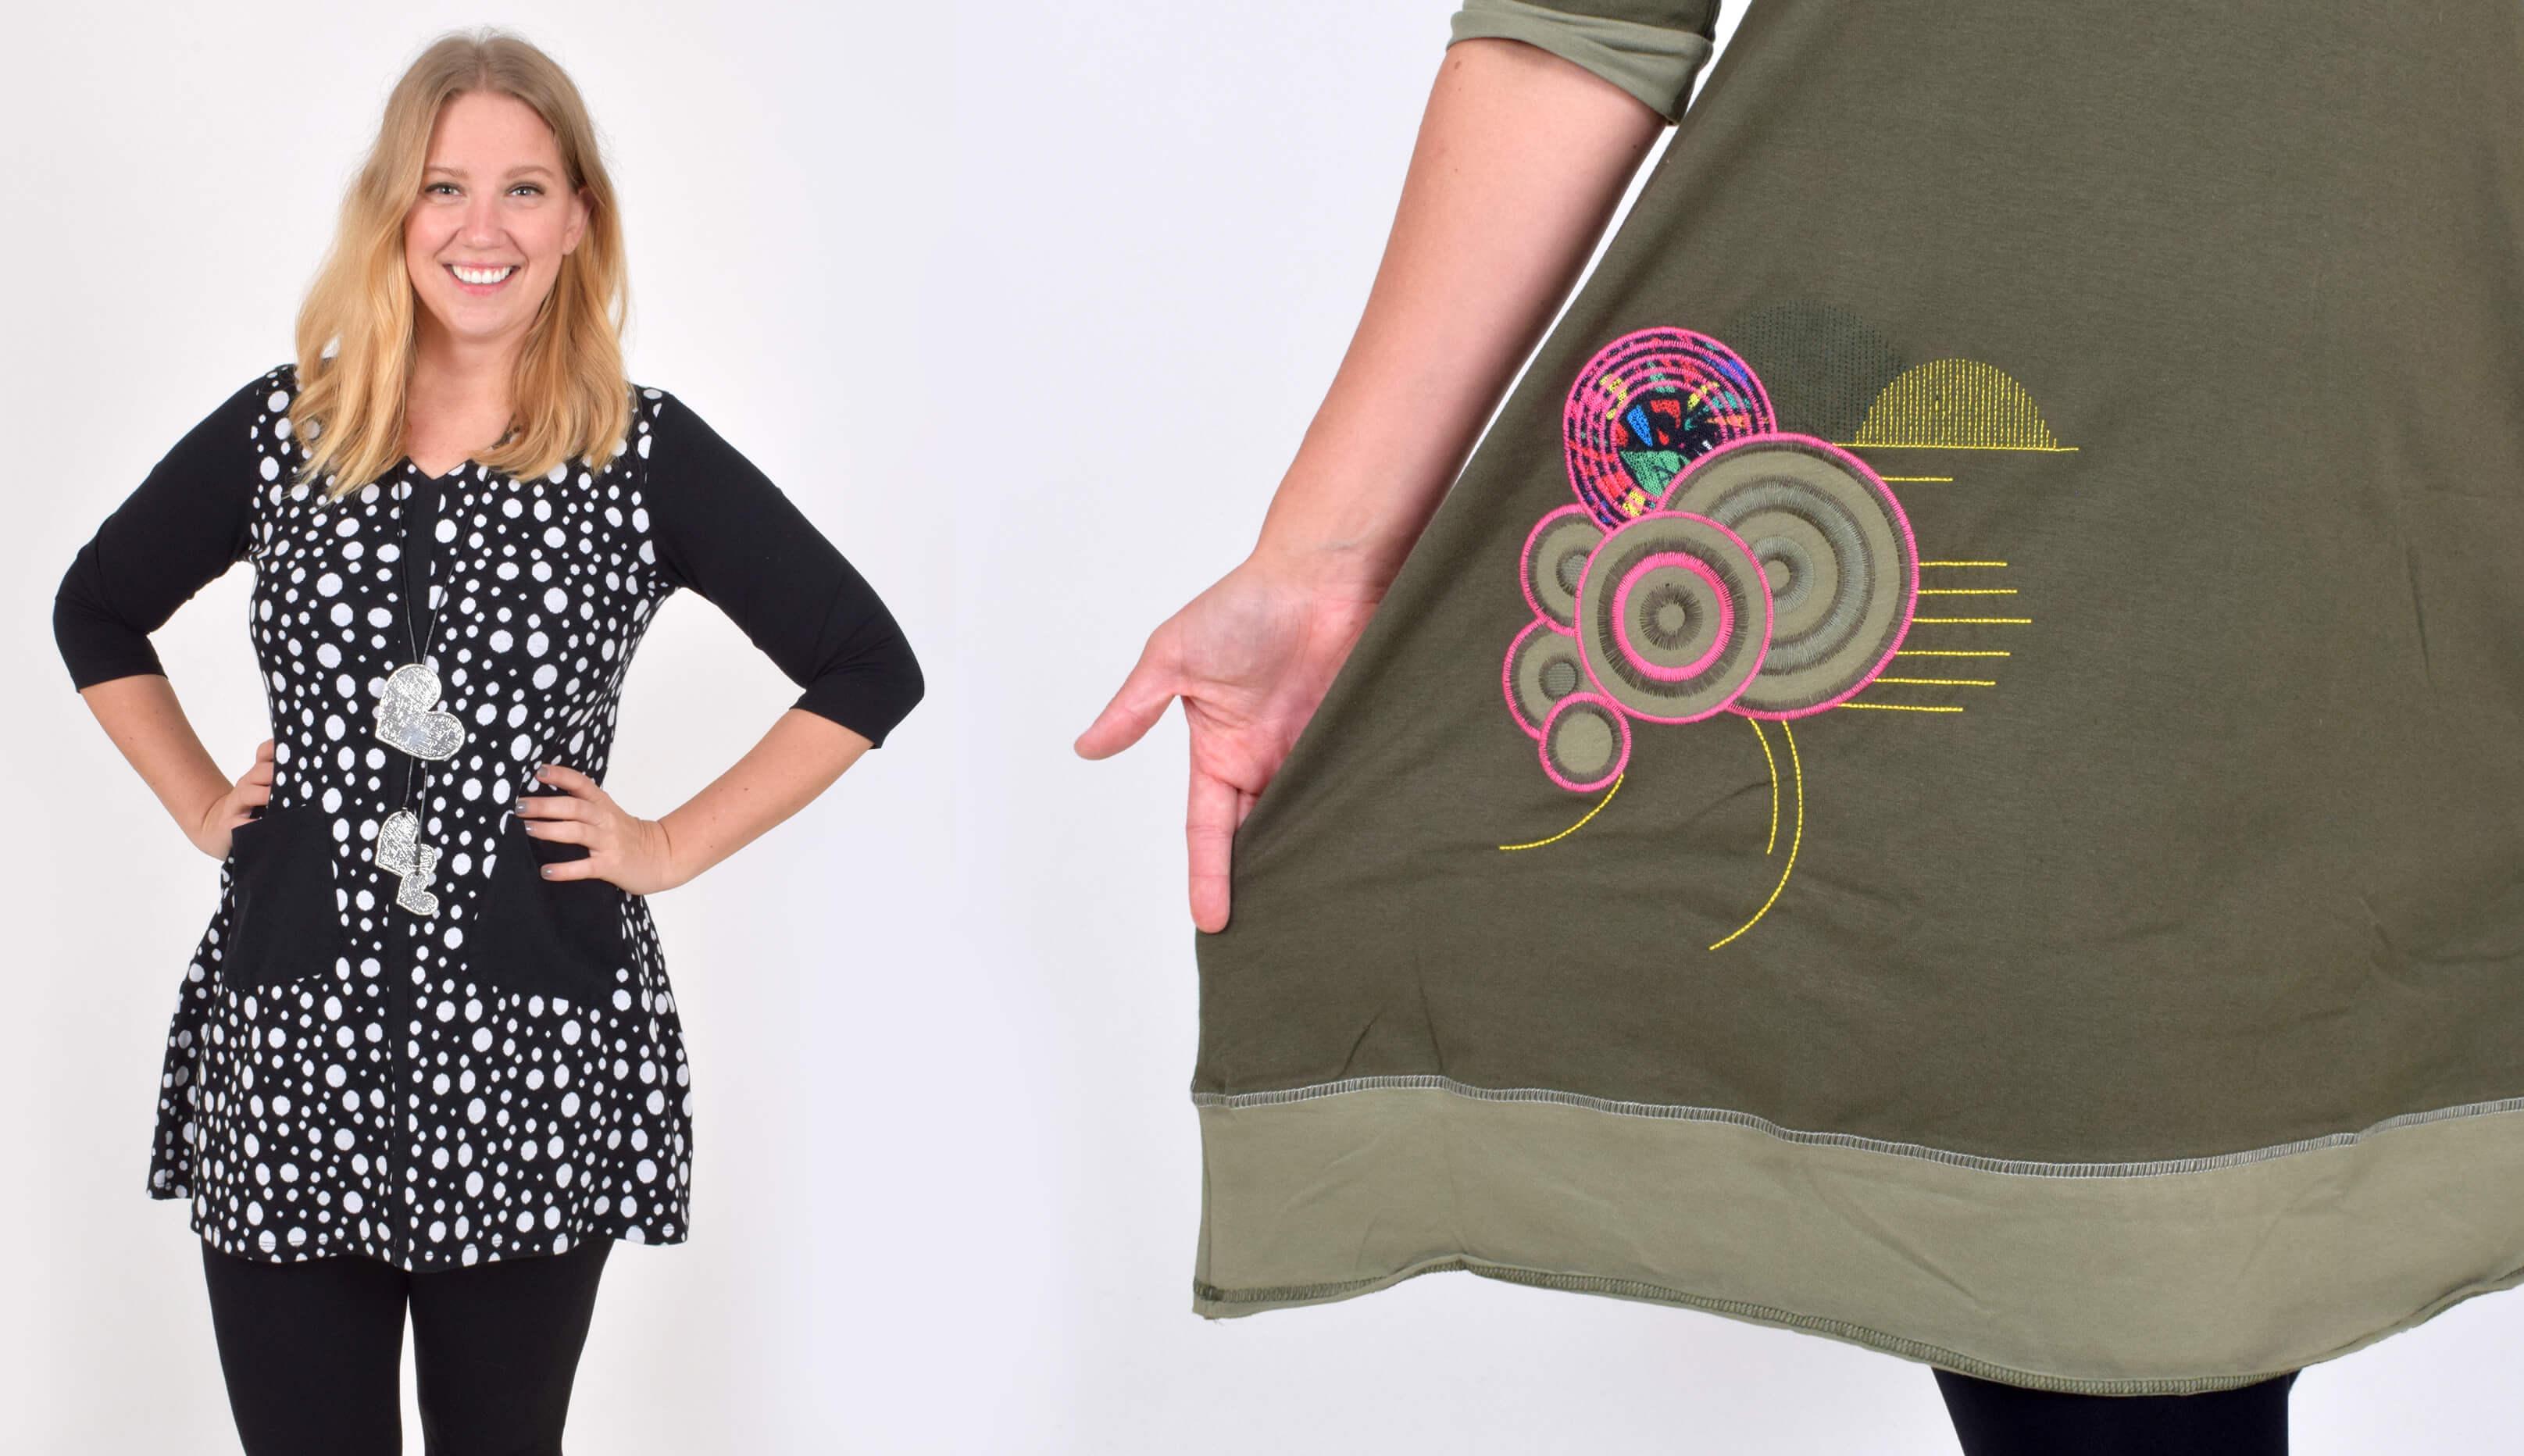 Mitä materiaalia vaatteissa kannattaa suosia? Tarkista plussat ja miinukset tästä listasta